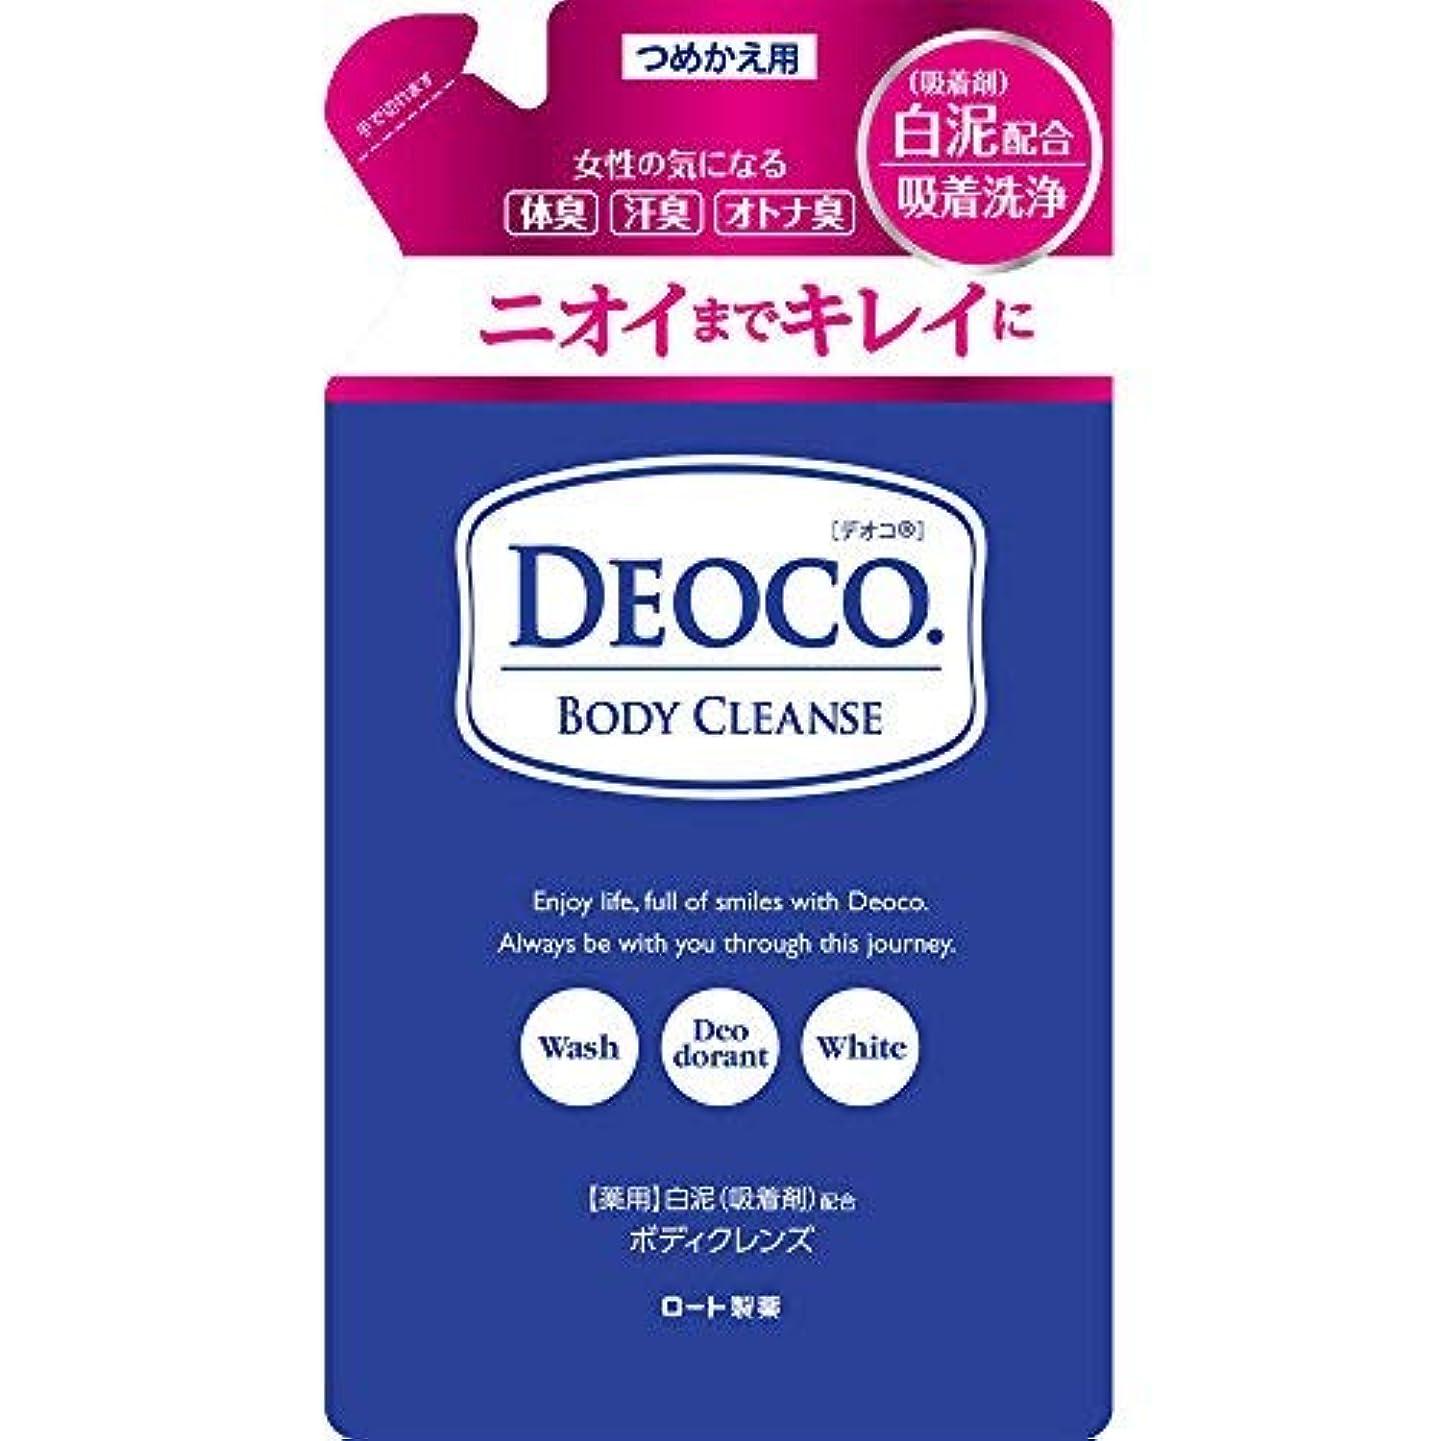 パリティローマ人切り離すロート製薬 デオコ DEOCO 薬用 ボディクレンズ 詰め替え 250ml × 5個セット